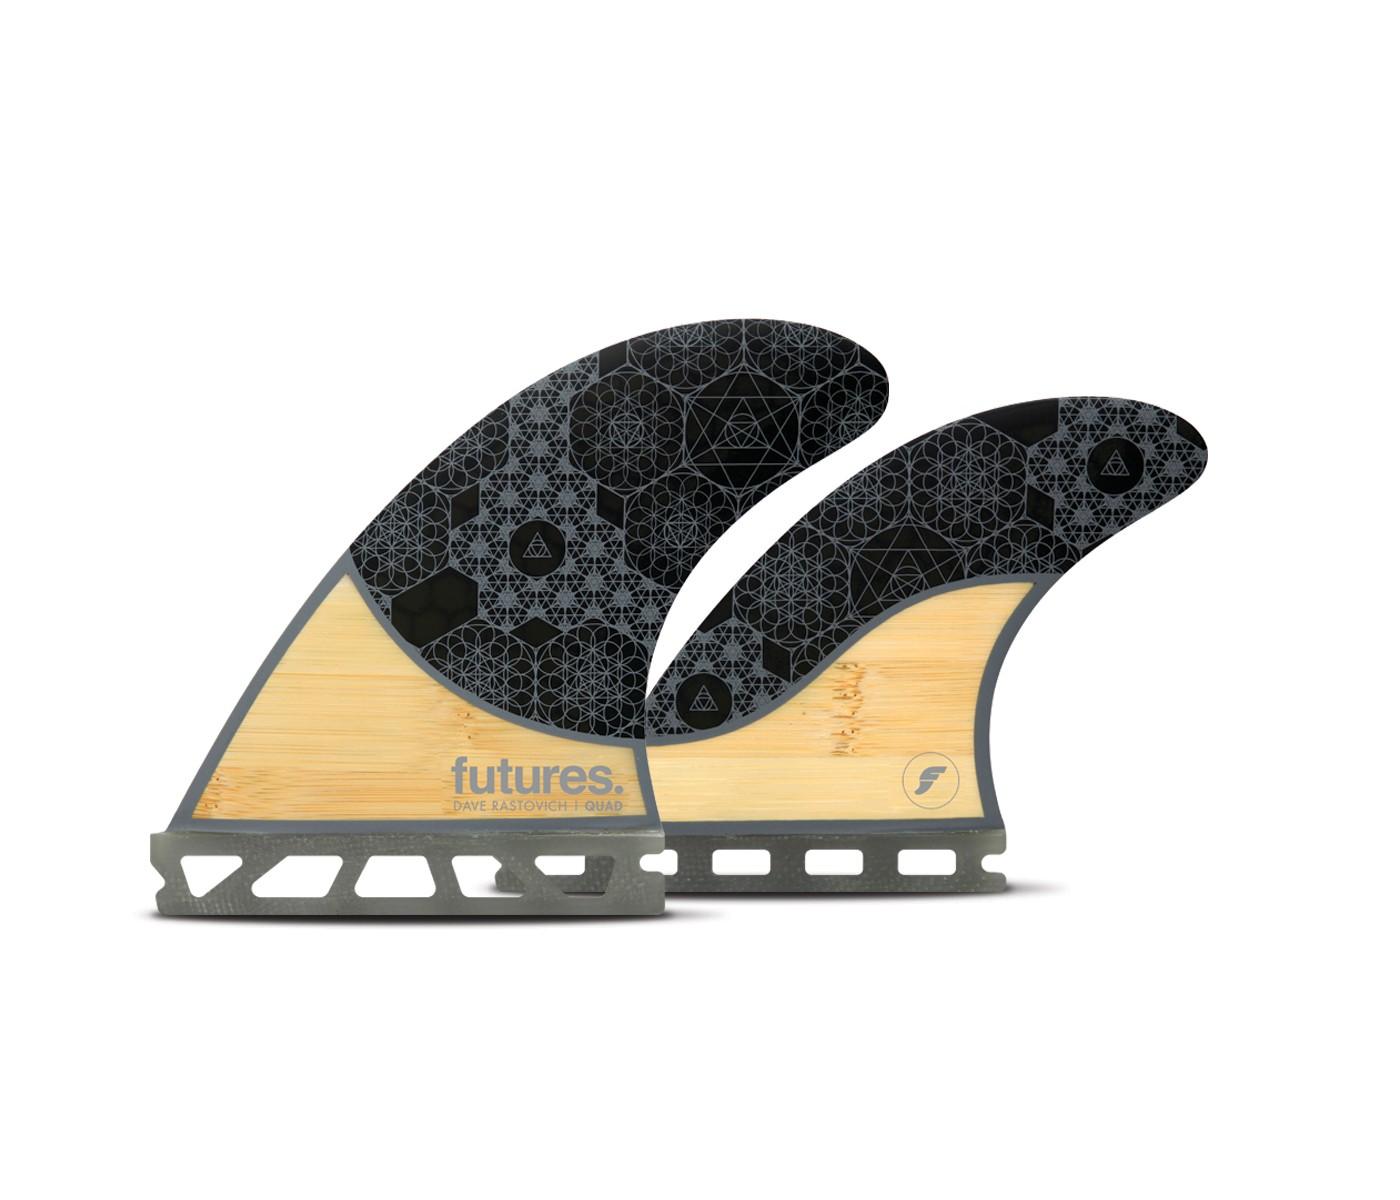 ロブマチャドやジョンジョンフローレンス、ジョディースミス等が愛用しているフューチャーフィン FUTURE FIN Dave Rastovich ラスタビッチ Quad クアッド(4本)フィン モデル発売!